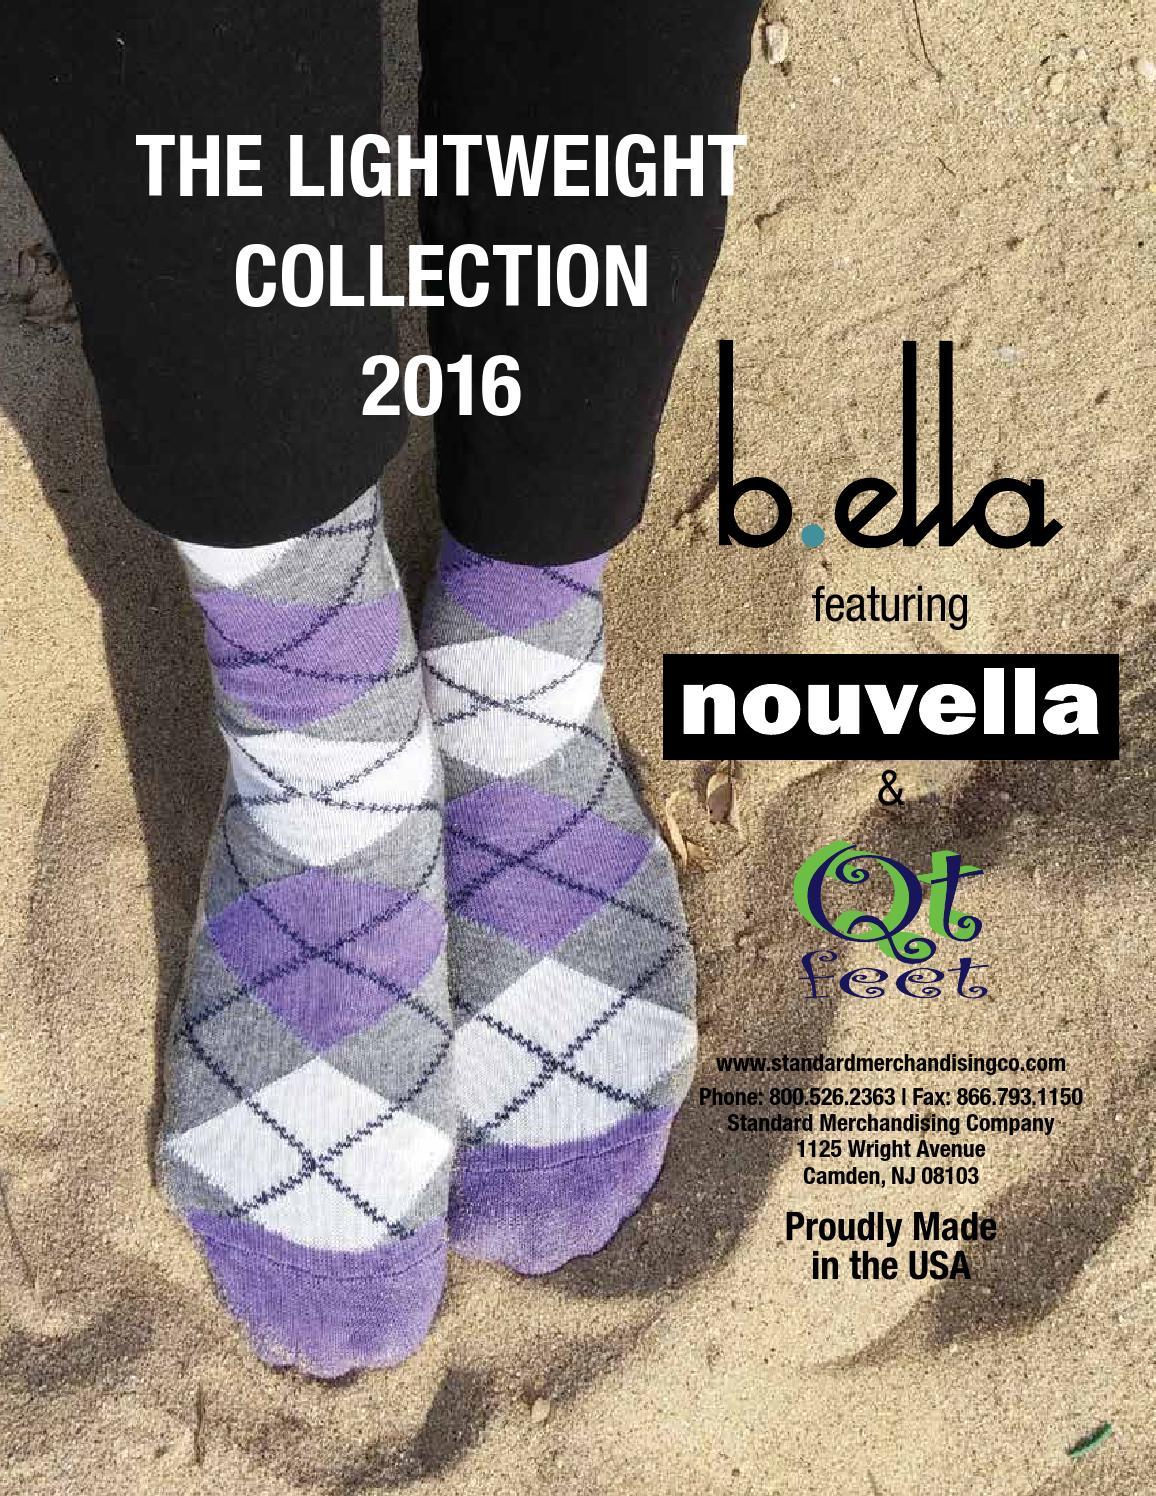 Space Dye Terry Nouvella Jungle Stripe Shortie Sock New Women Size 9-11 Fashion